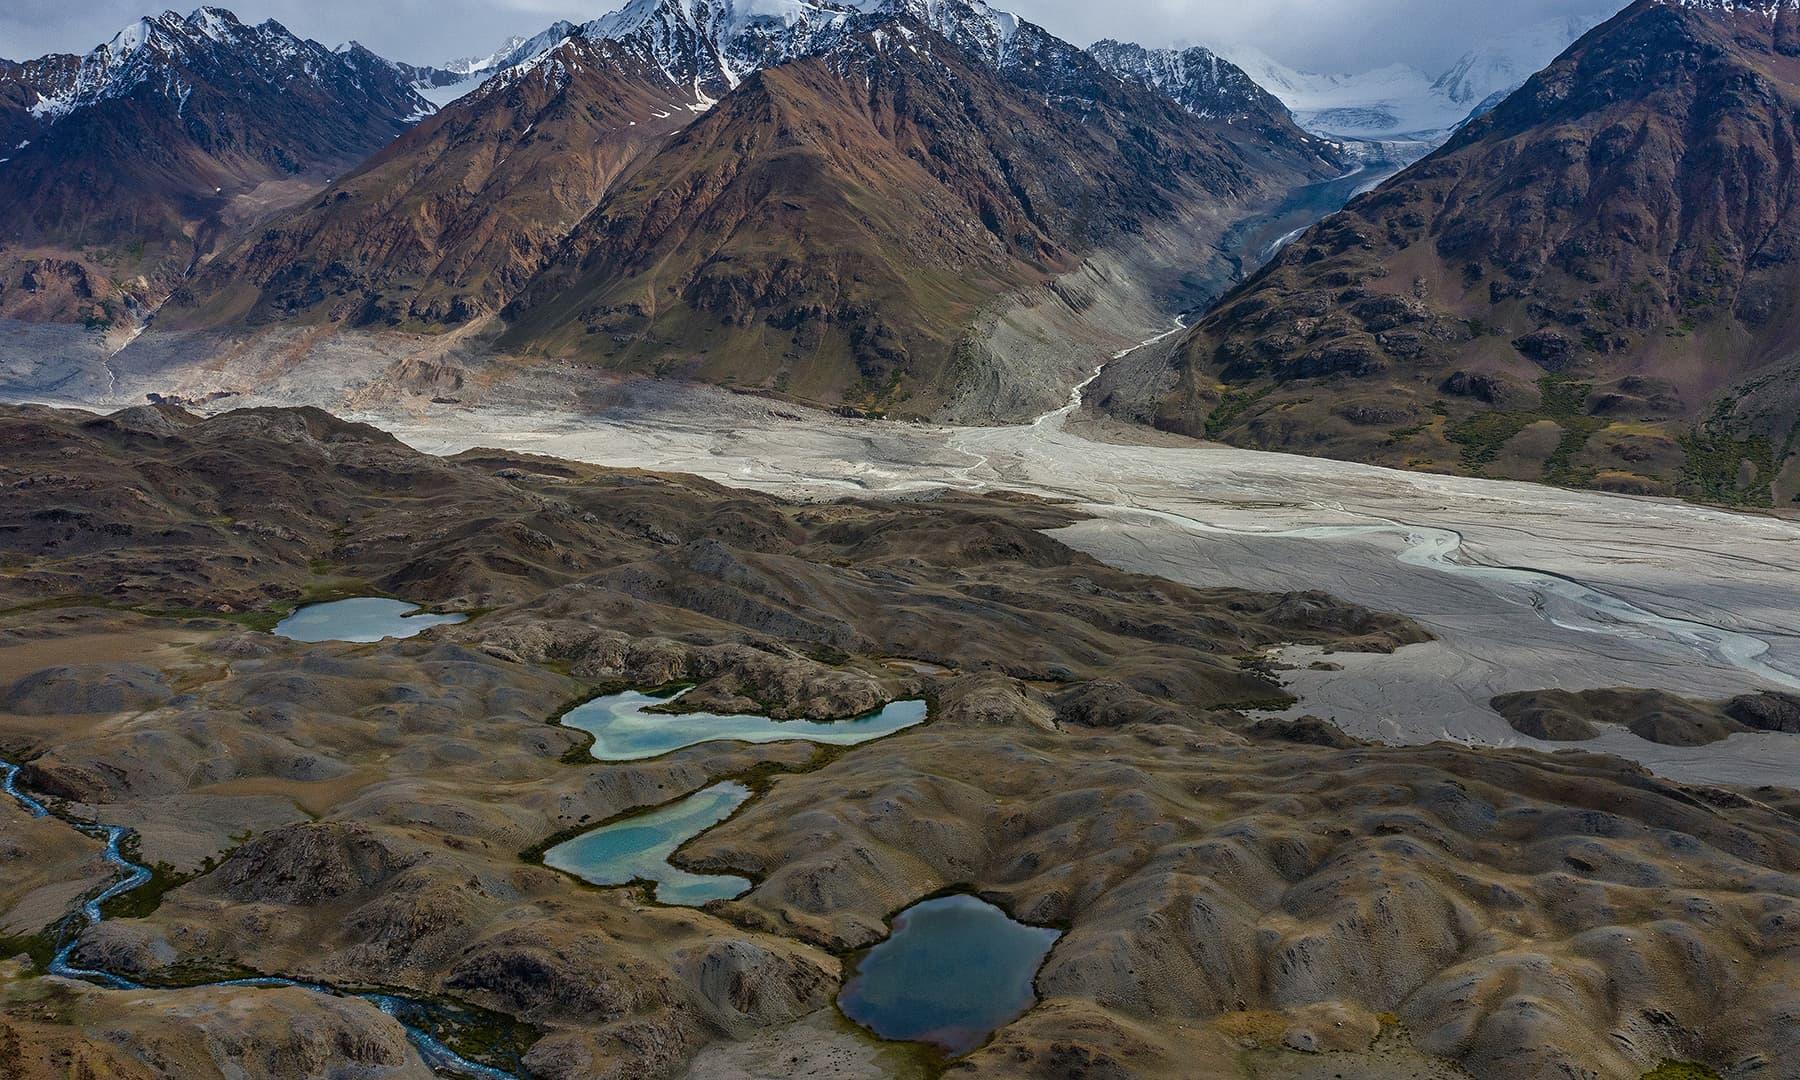 شوار شیر کیمپ سائٹ میں واقع جھیلیں—سید مہدی بخاری